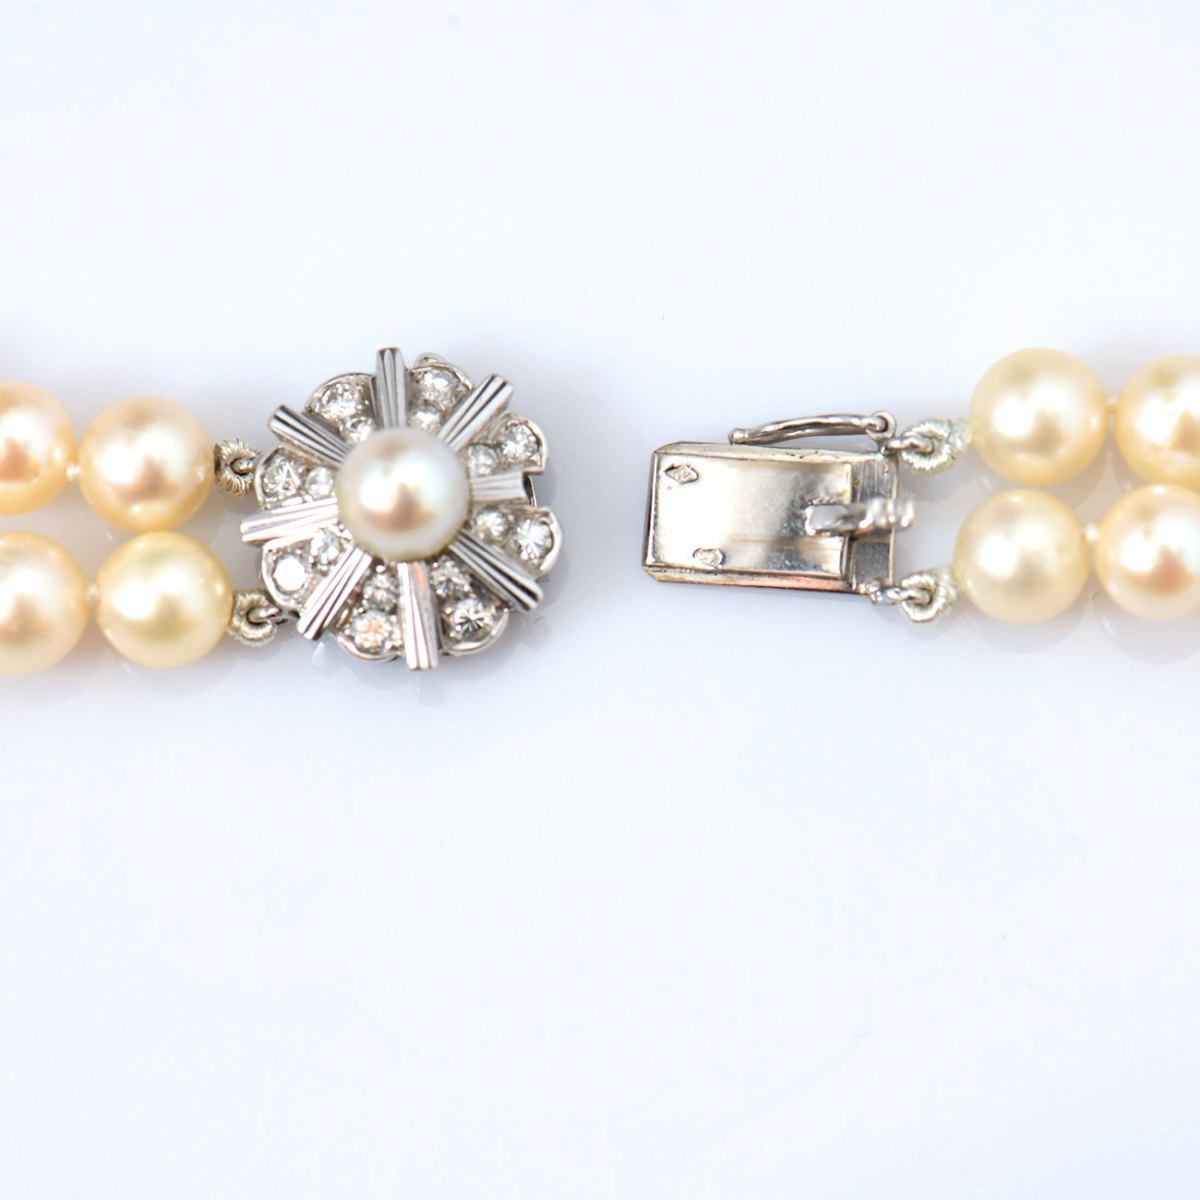 Collier de perles de culture 2 rangées, fermoir or blanc 750 serti de 16 diamants taille brillant, 0,40 ct   Réf. CO-B18330   EVENOR Joaillerie • Bijoux neufs et bijoux Vintage